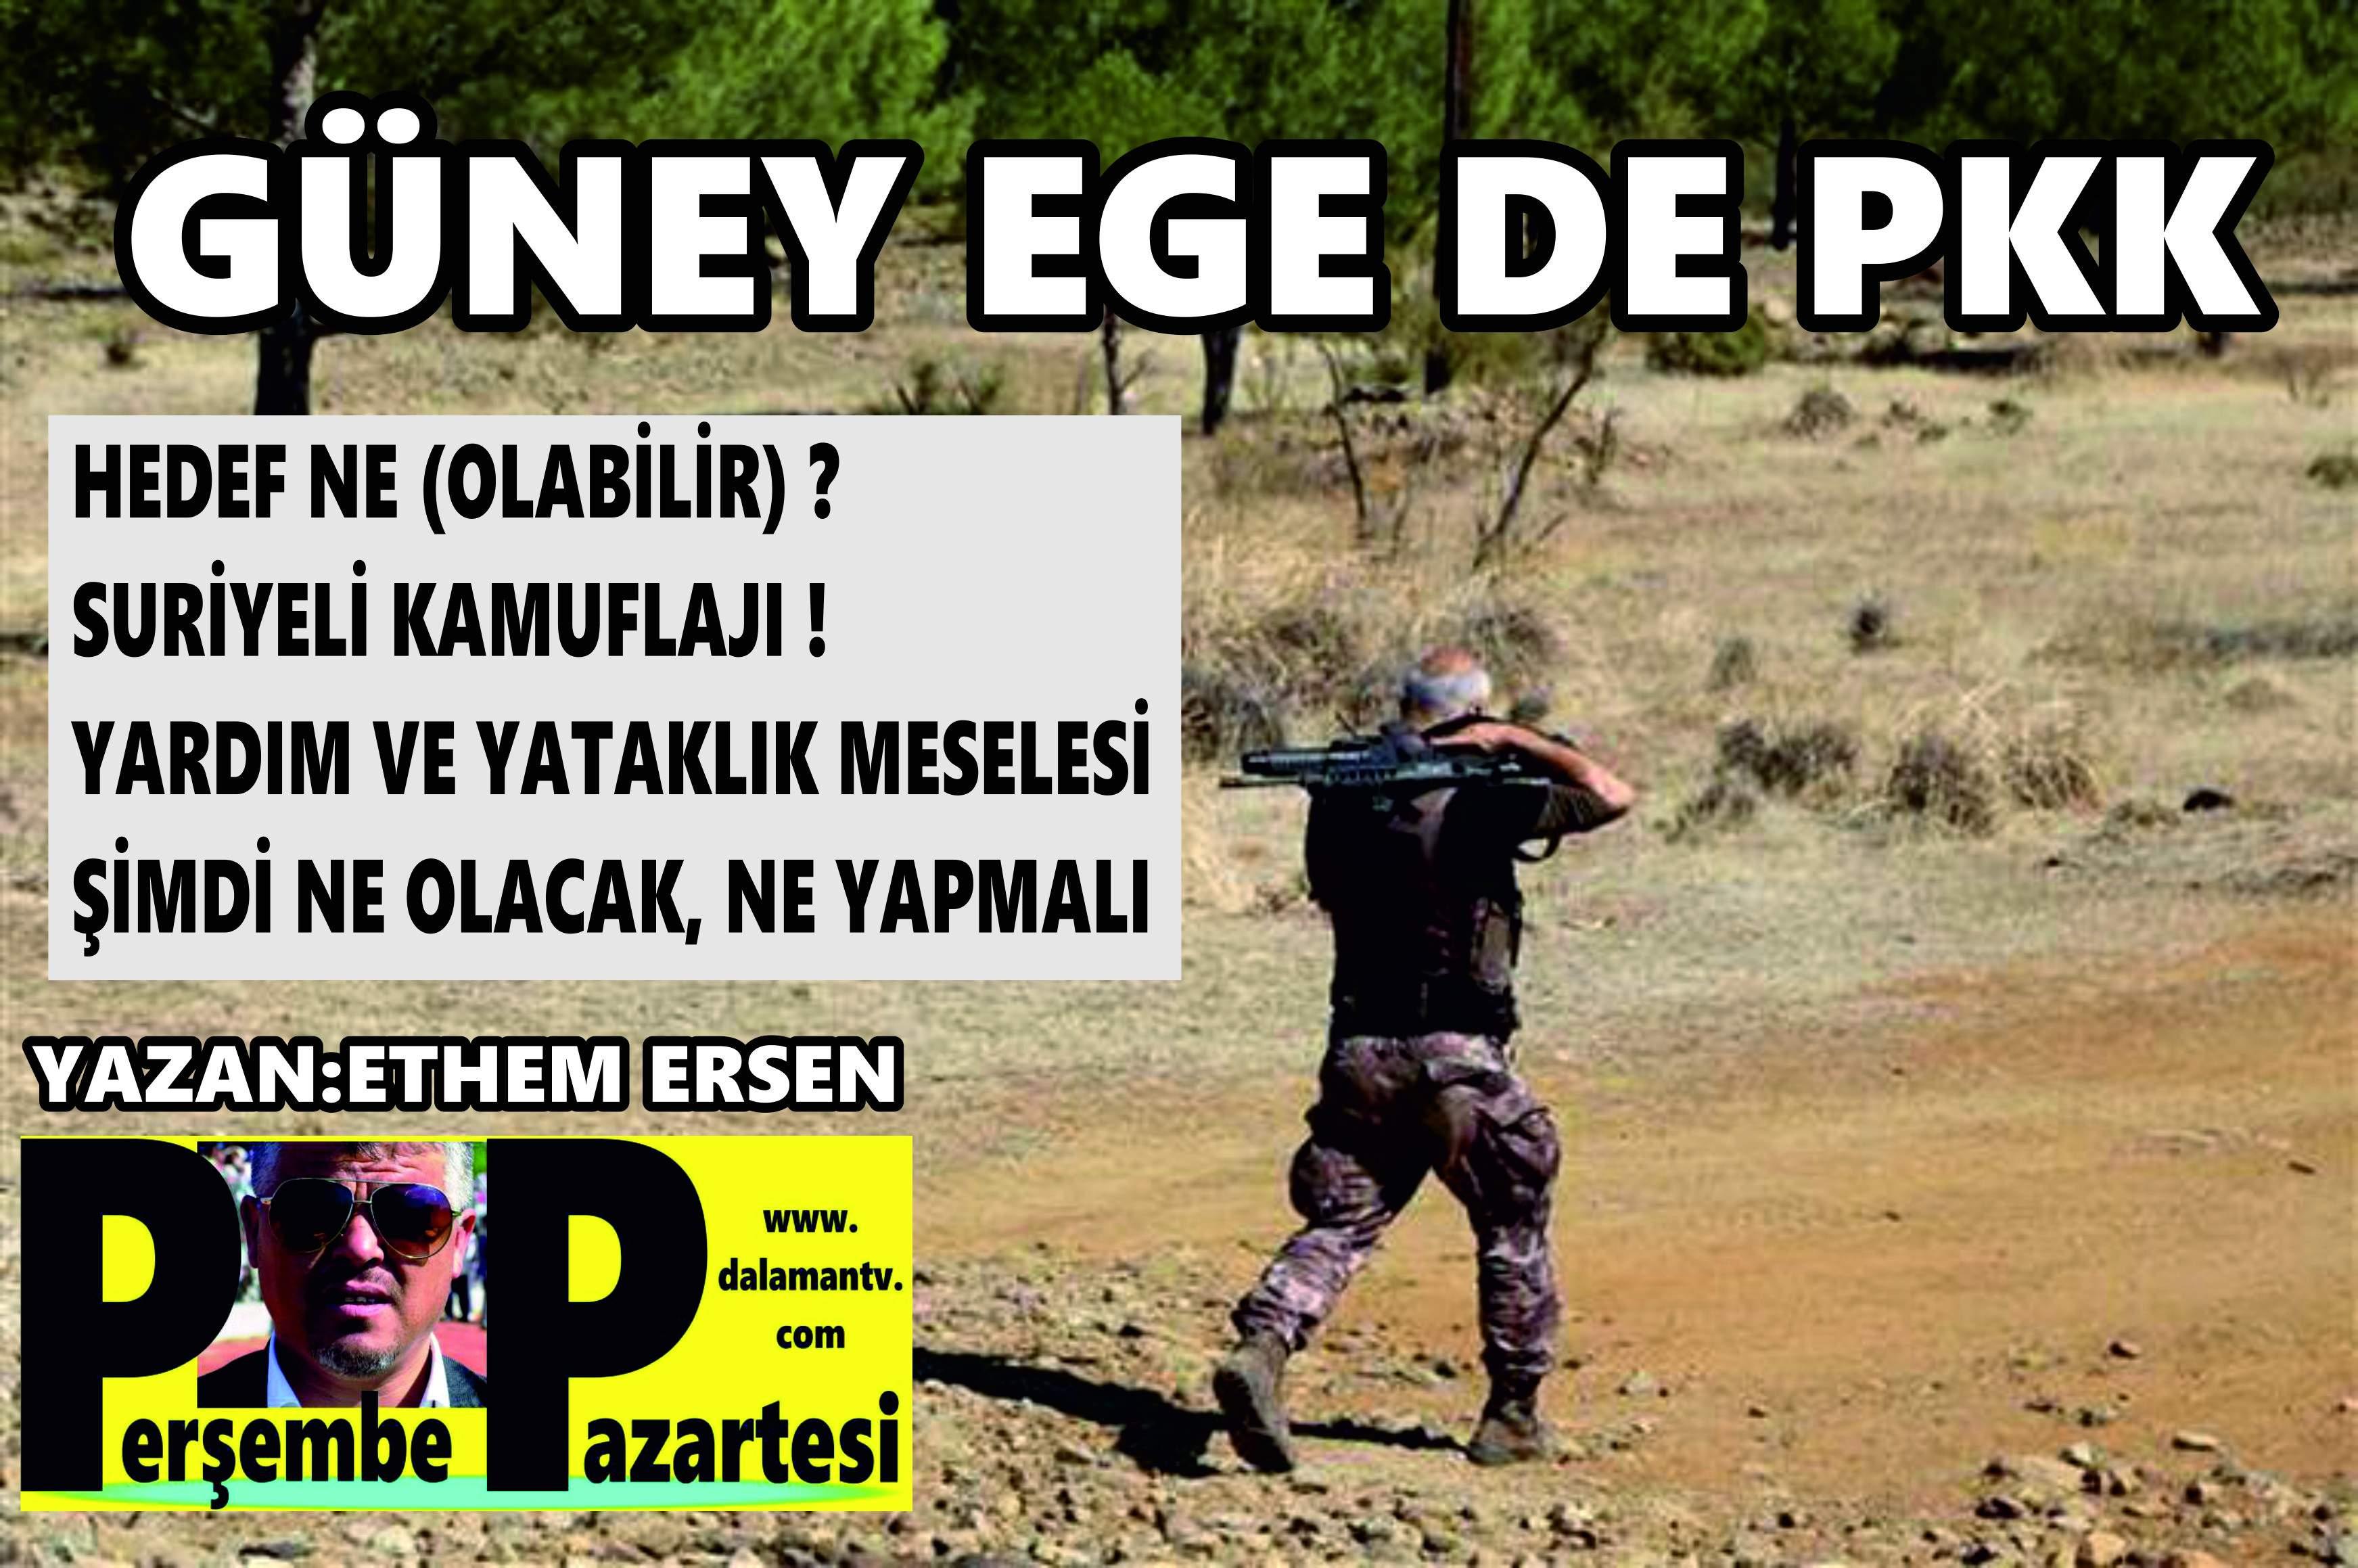 GÜNEY EGE DE PKK